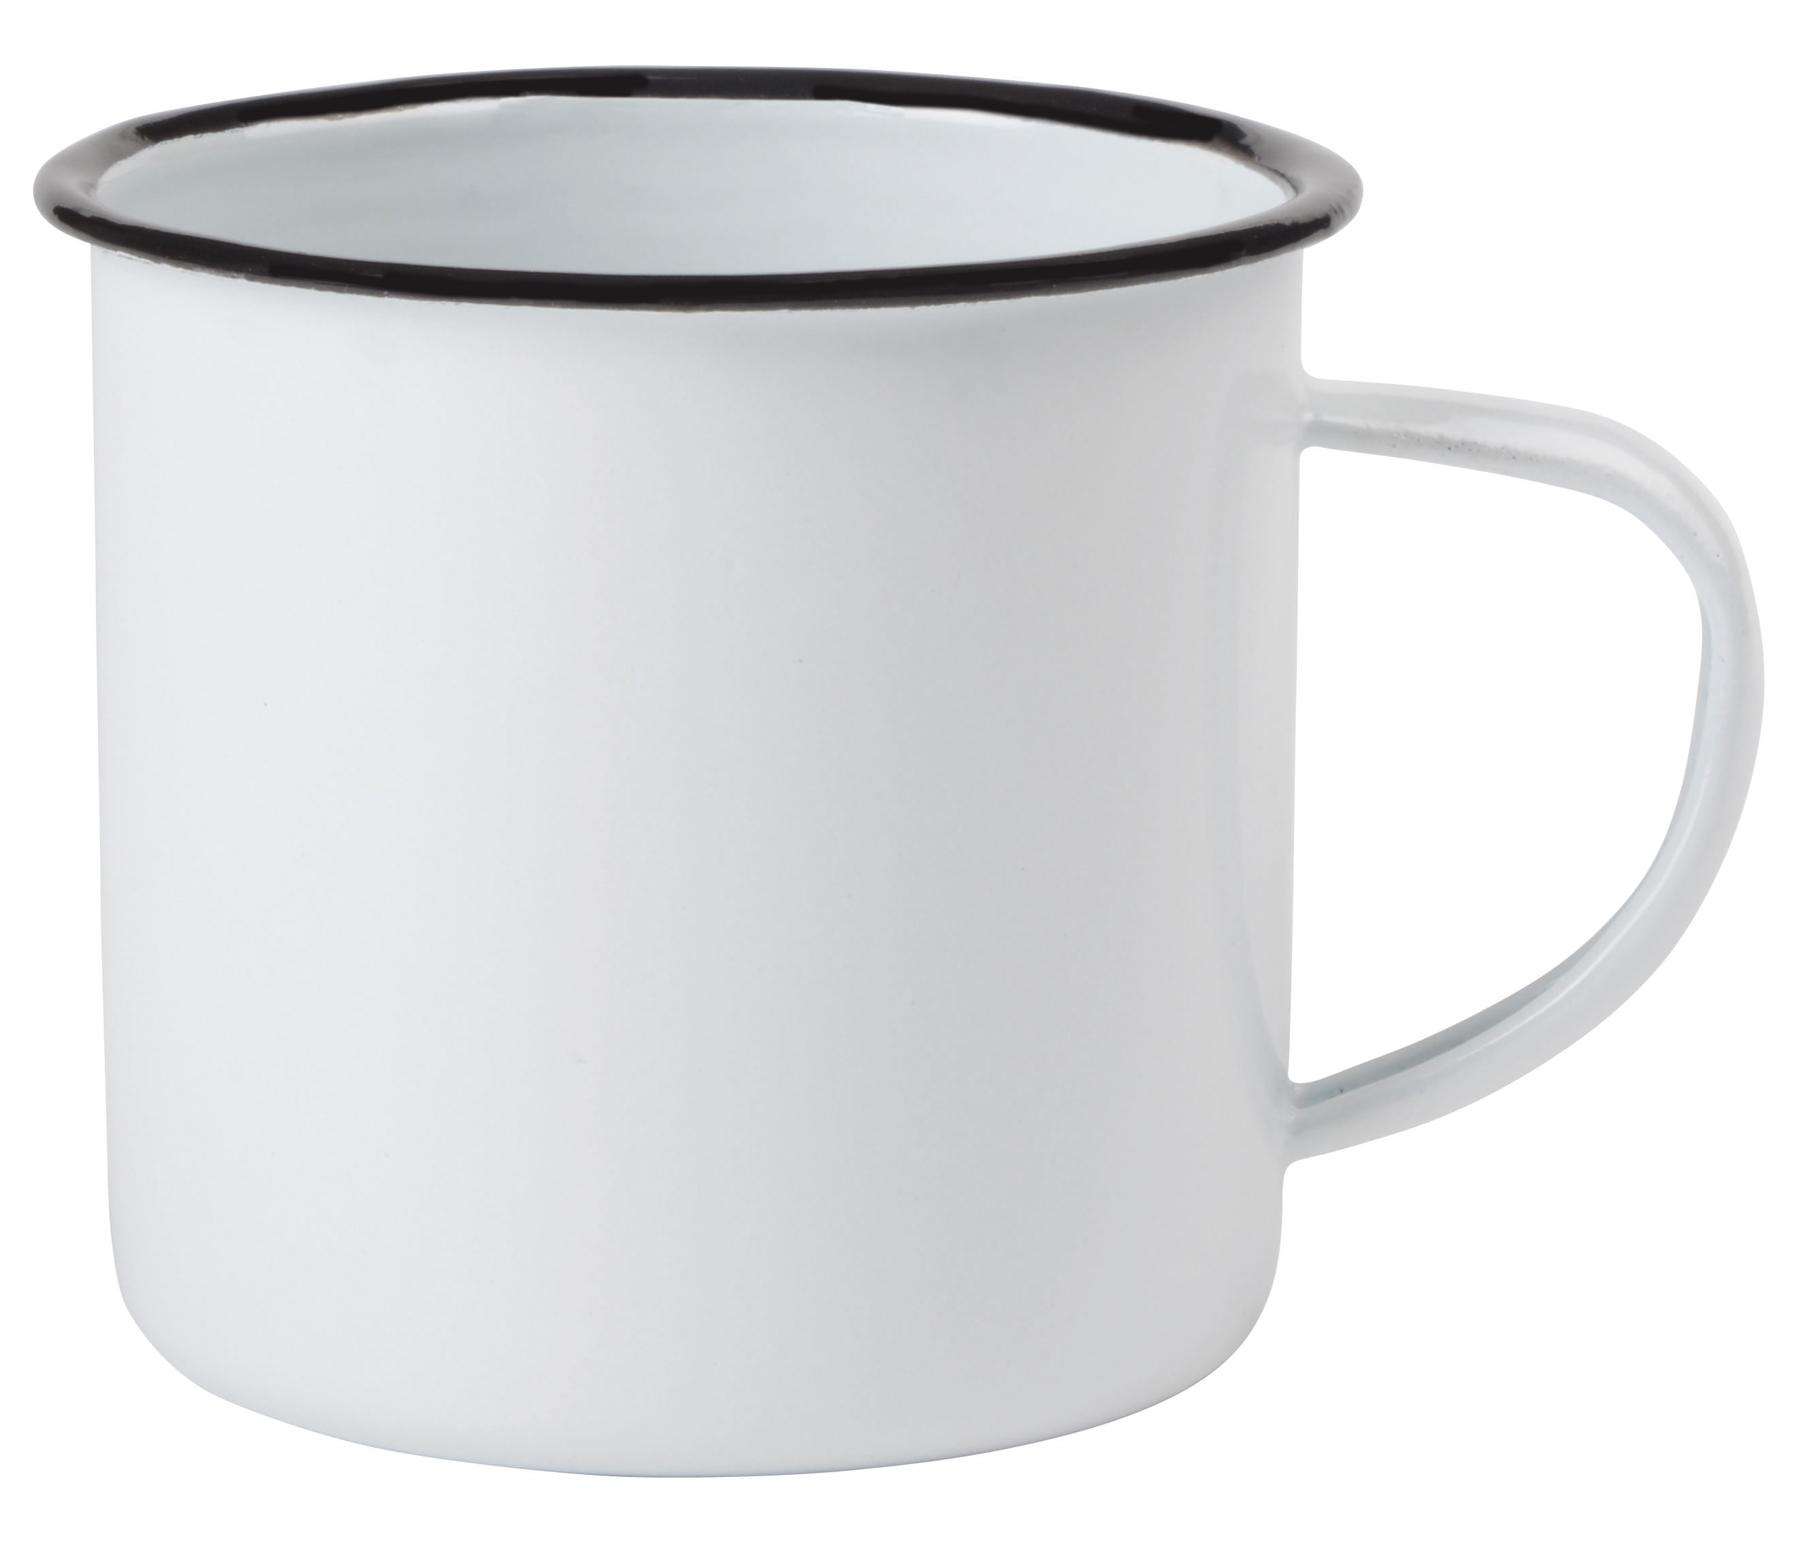 Kubek emaliowany RETRO CUP, biały